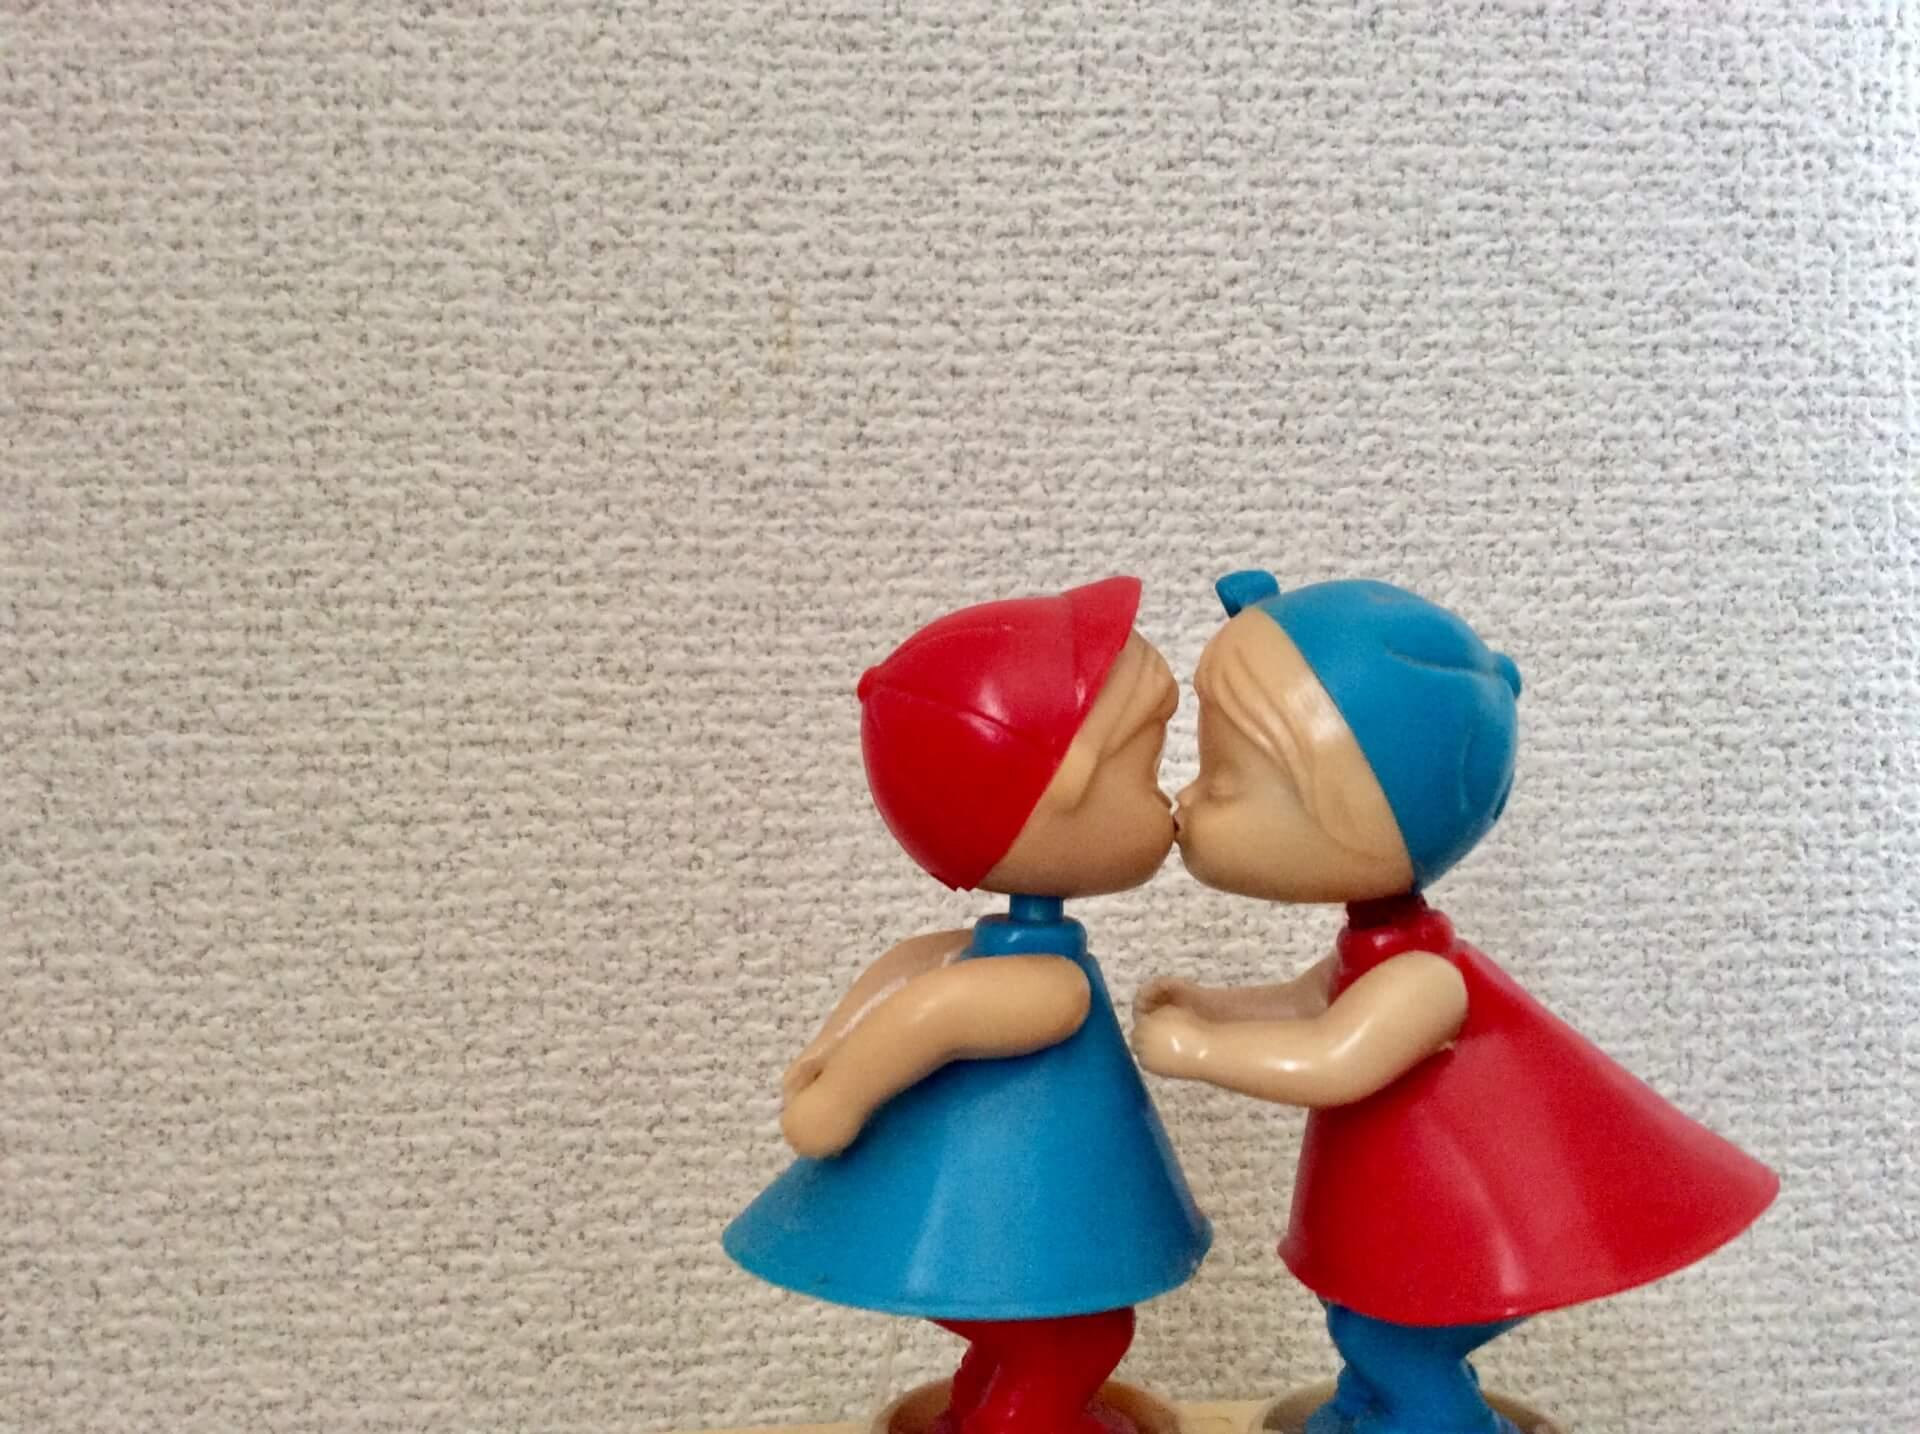 壇蜜「ファーストキスはピーチのリップの味」〜10月6日「大竹まこと ゴールデンラジオ」